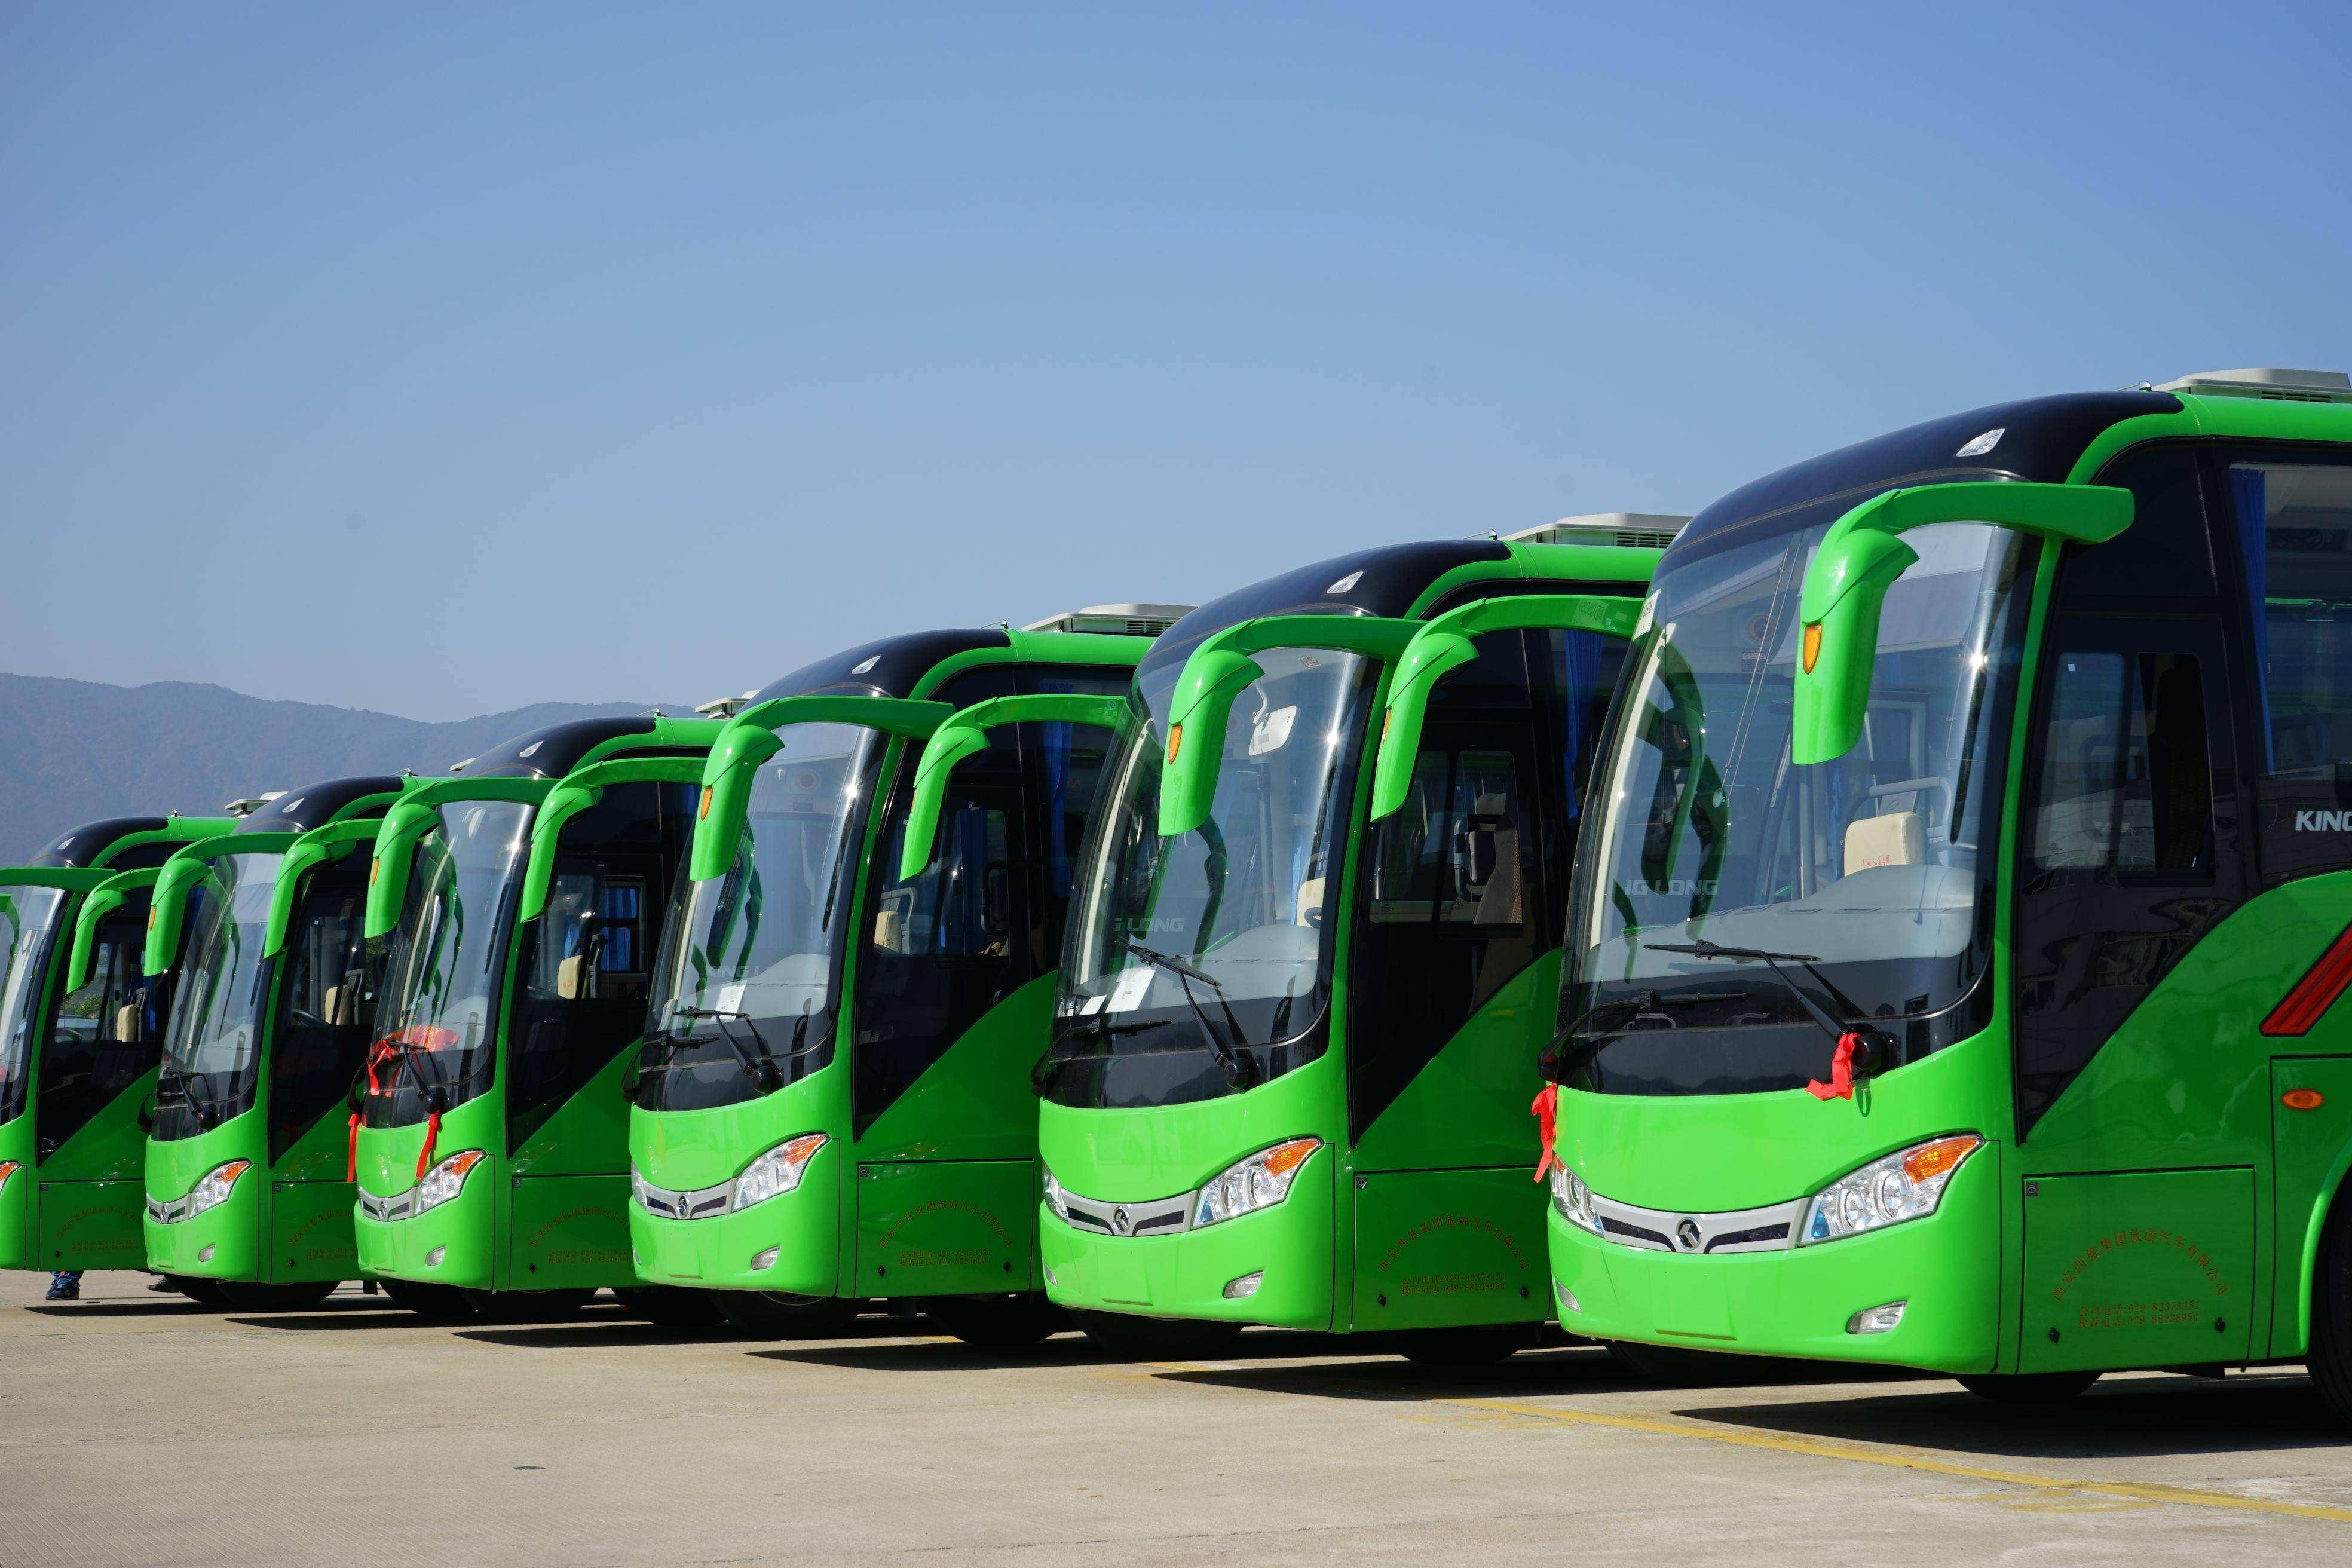 北京专业商务包车,中巴包车,小巴包车租车服务